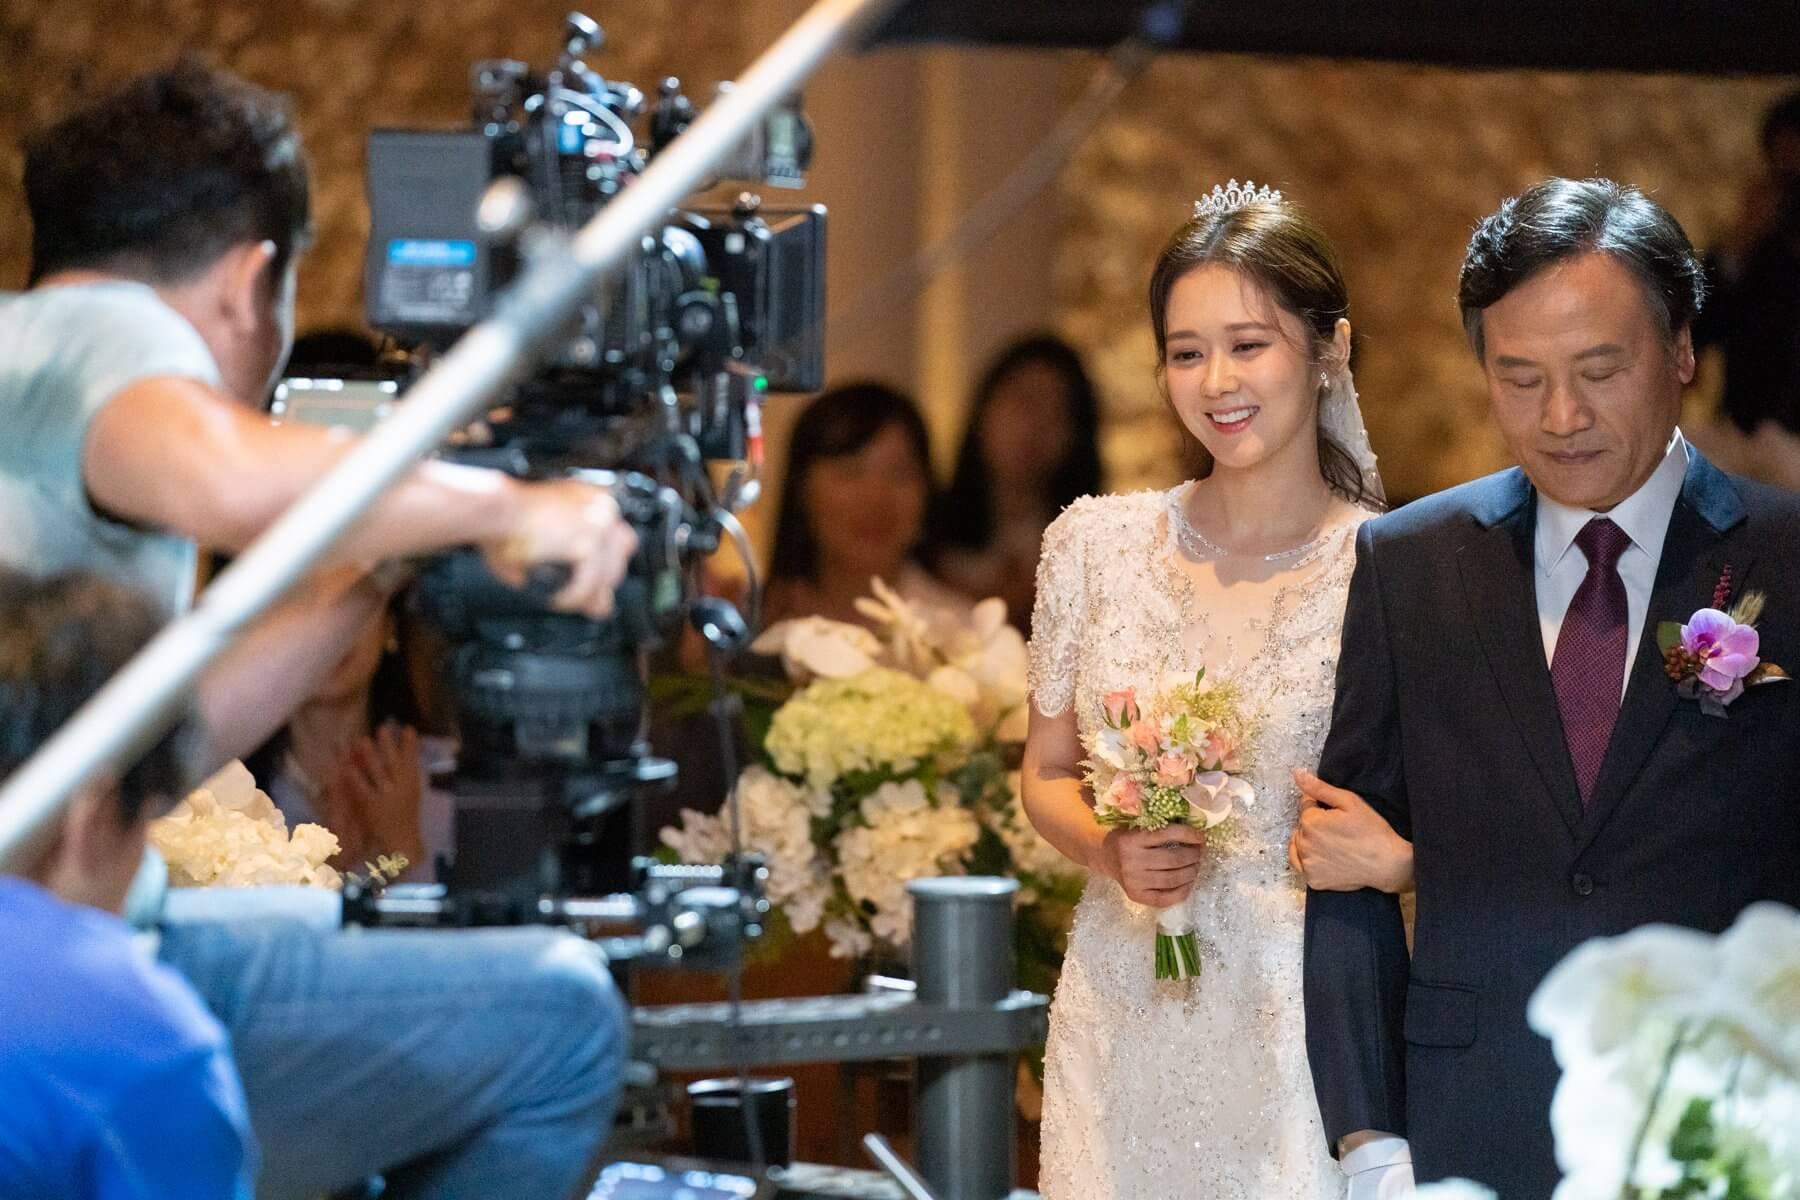 三十八歲的張娜拉再披嫁衣,不過粉絲還是最希望她在現實中出嫁。